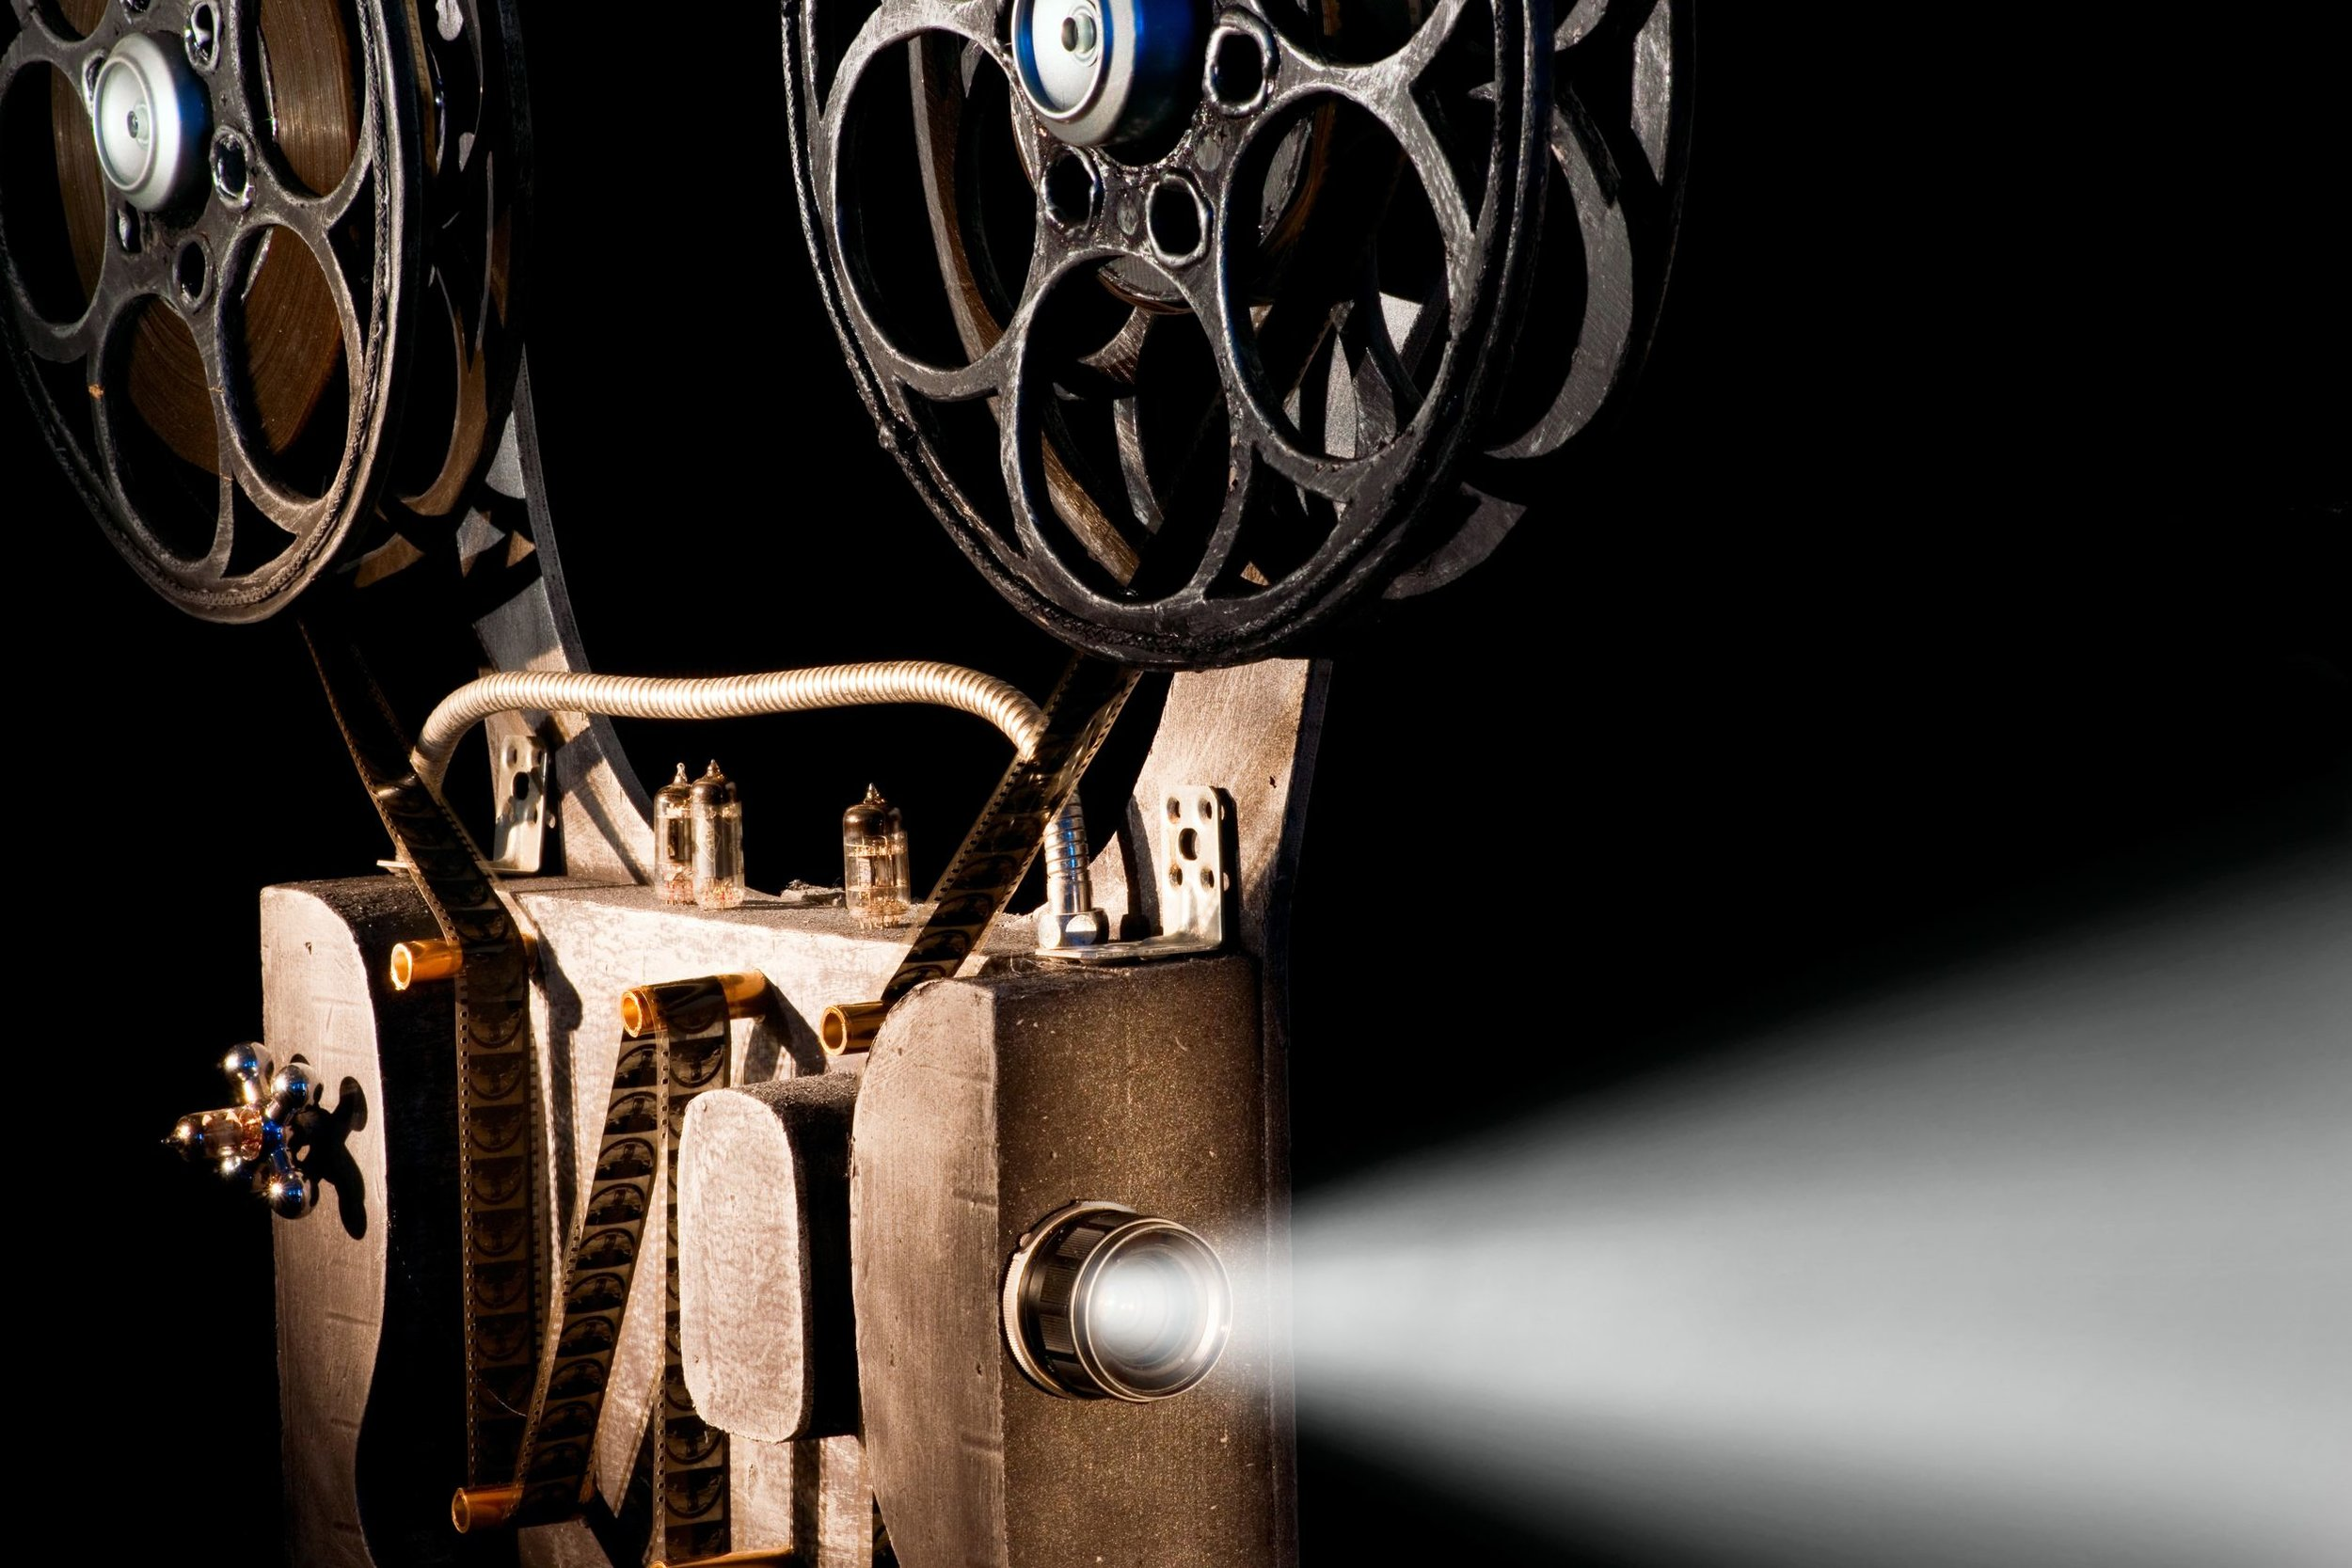 australia_vintage_projector_123rf.jpg